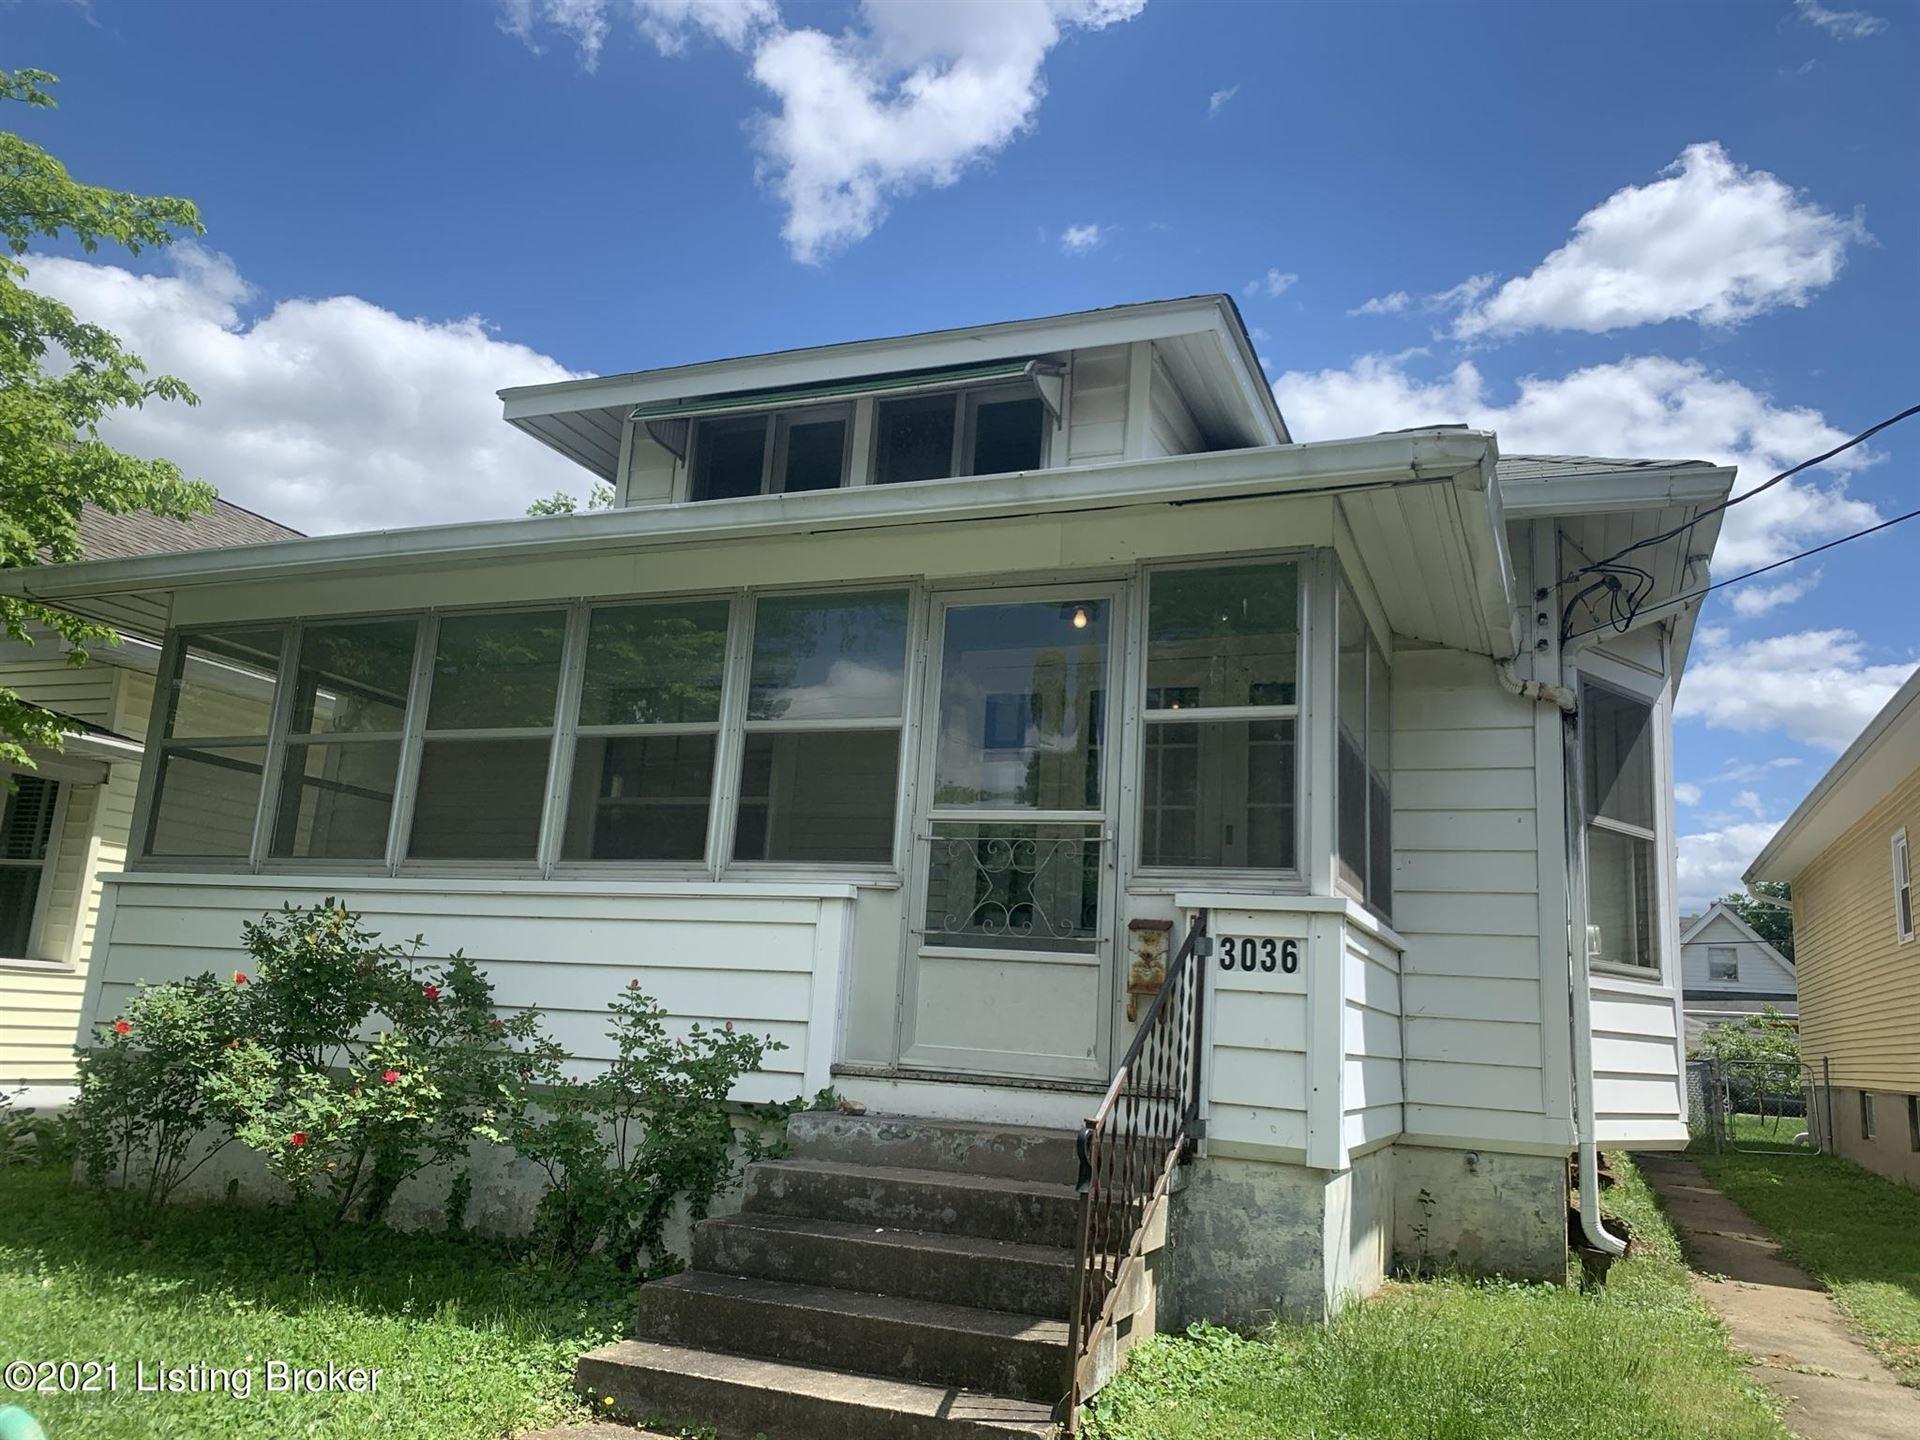 Photo of 3036 Aubert Ave, Louisville, KY 40206 (MLS # 1584886)